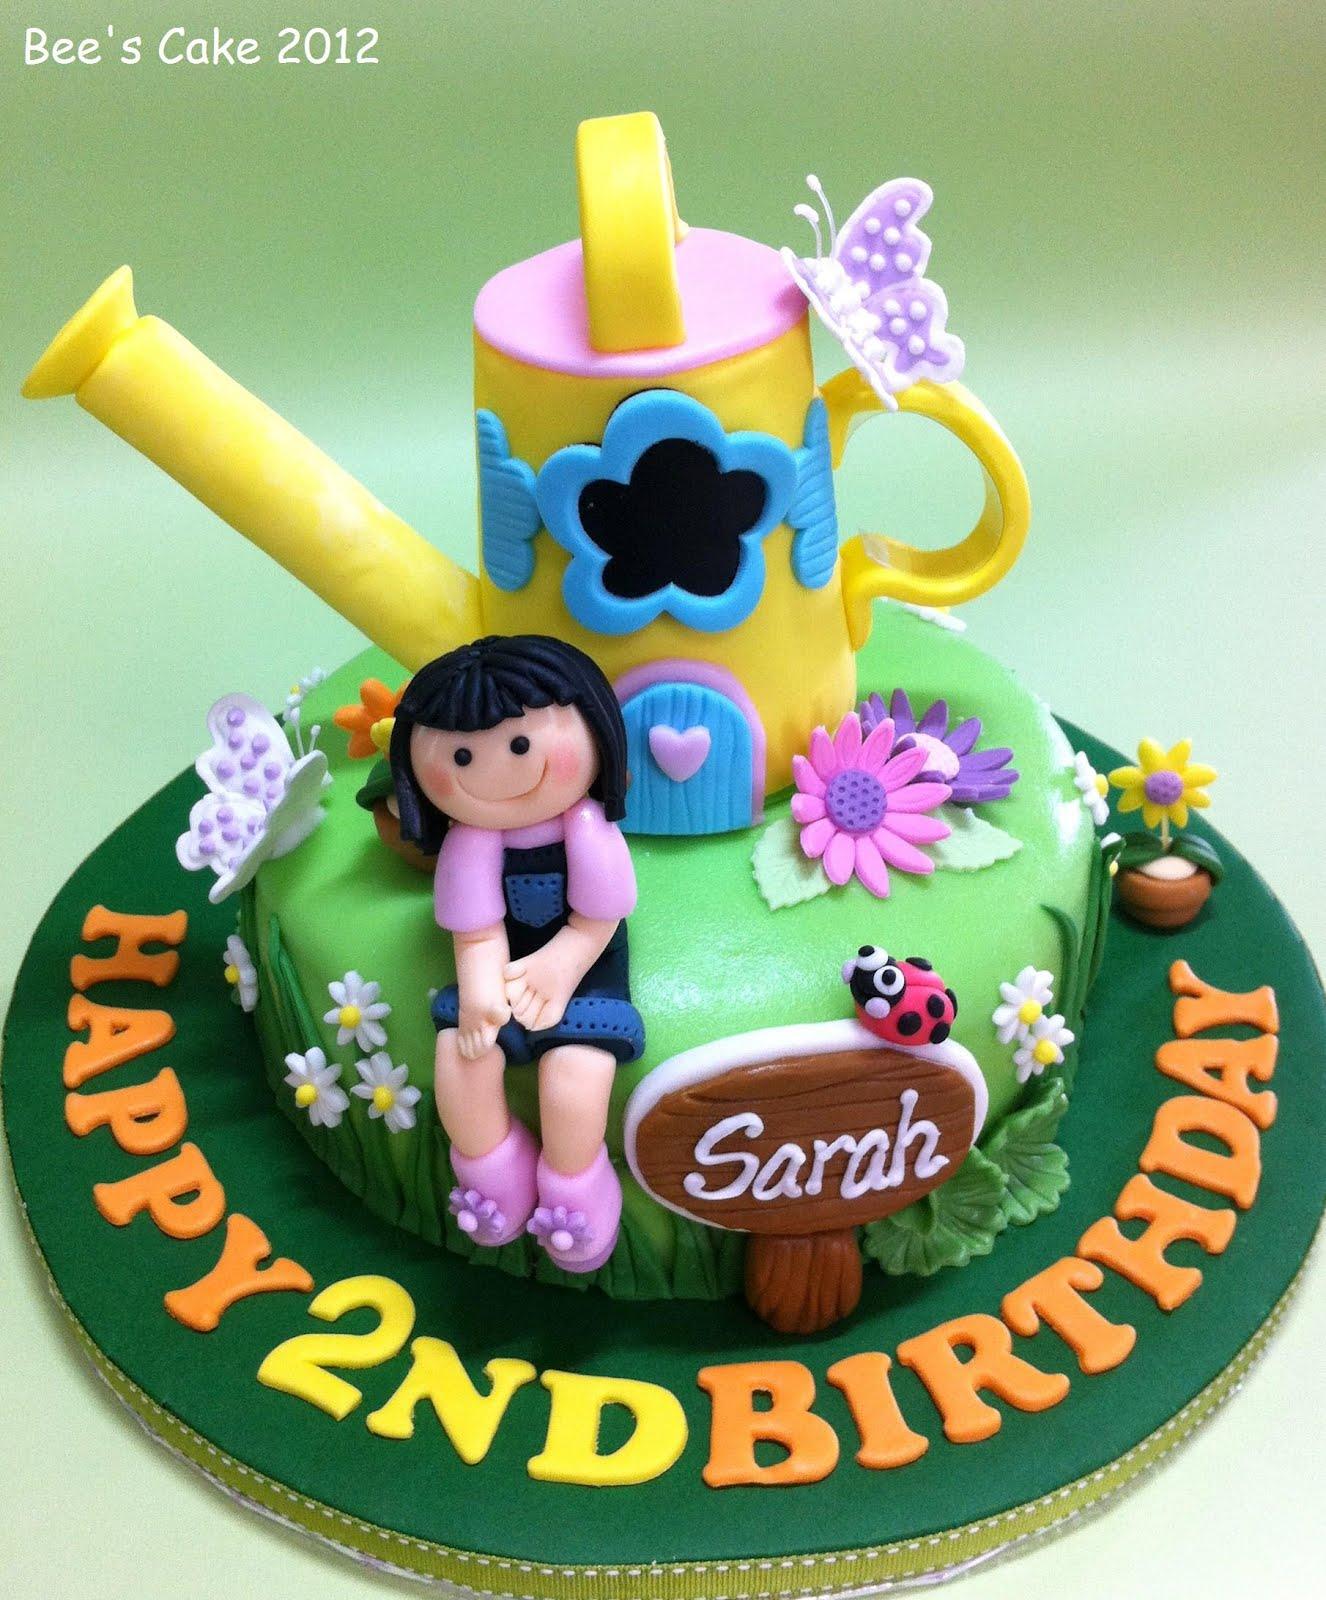 Bees Cake Sarahs Garden